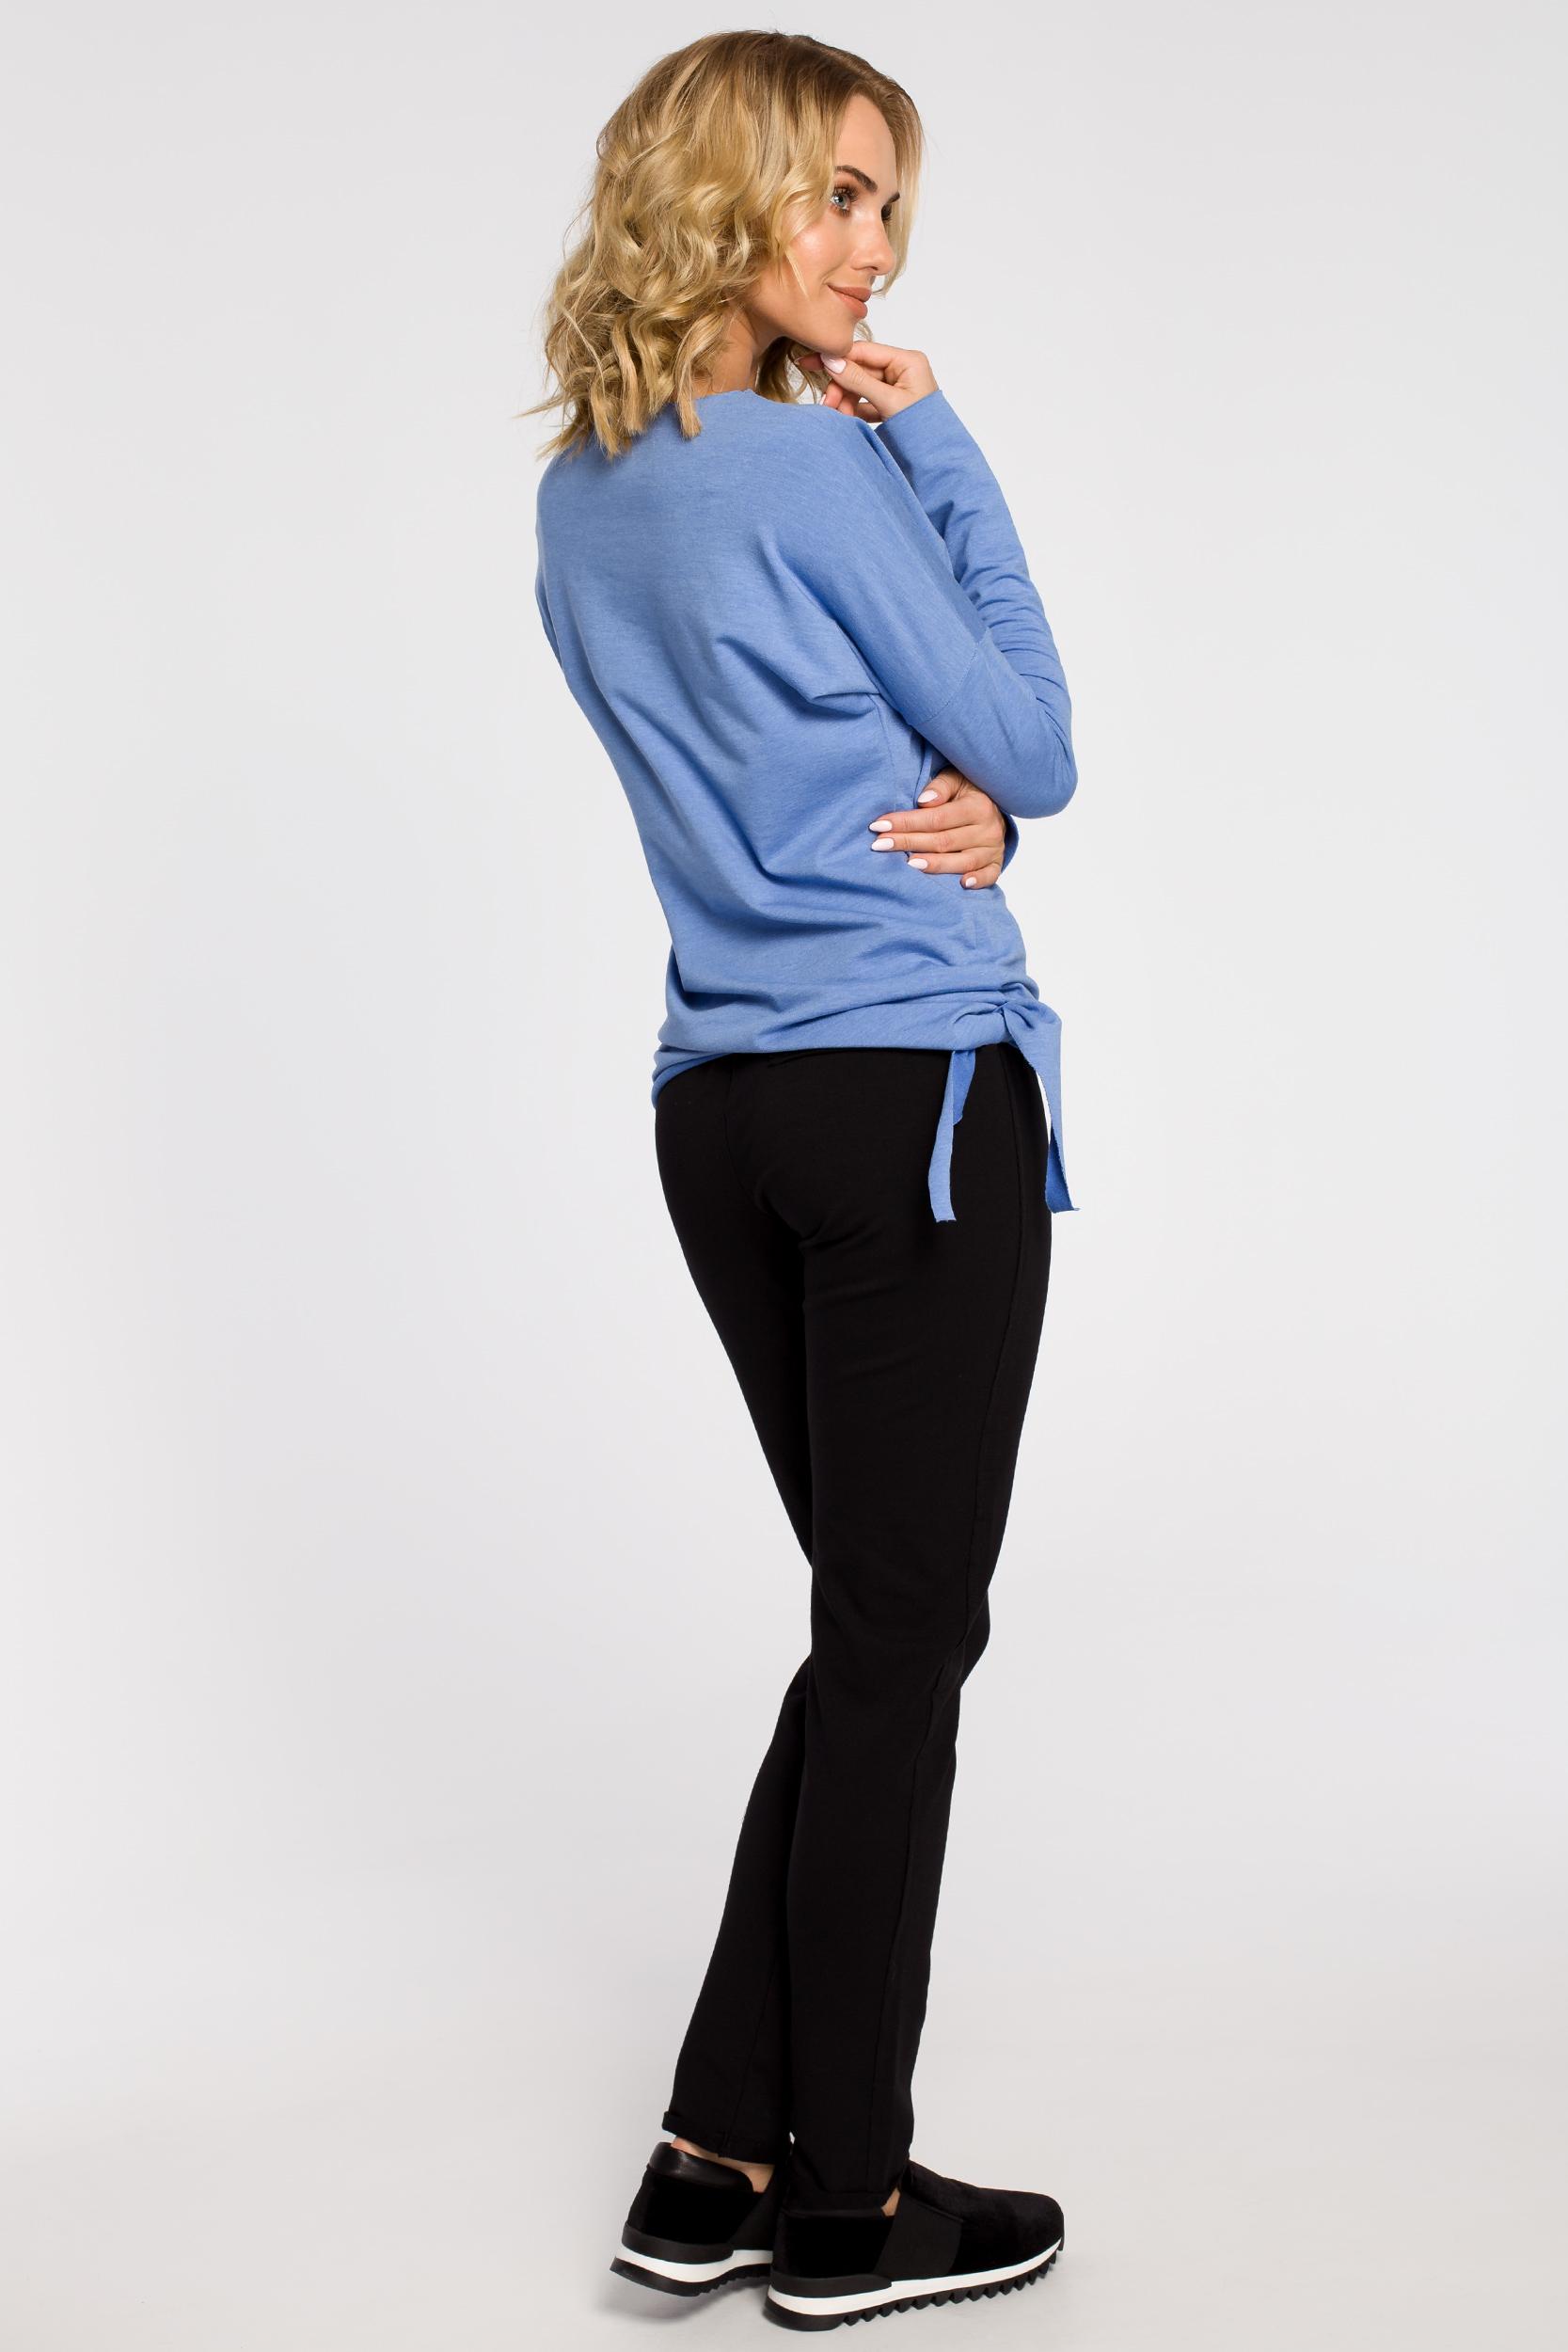 CM0340 Bluza damska dresowa z ozdobny sercem - niebieska